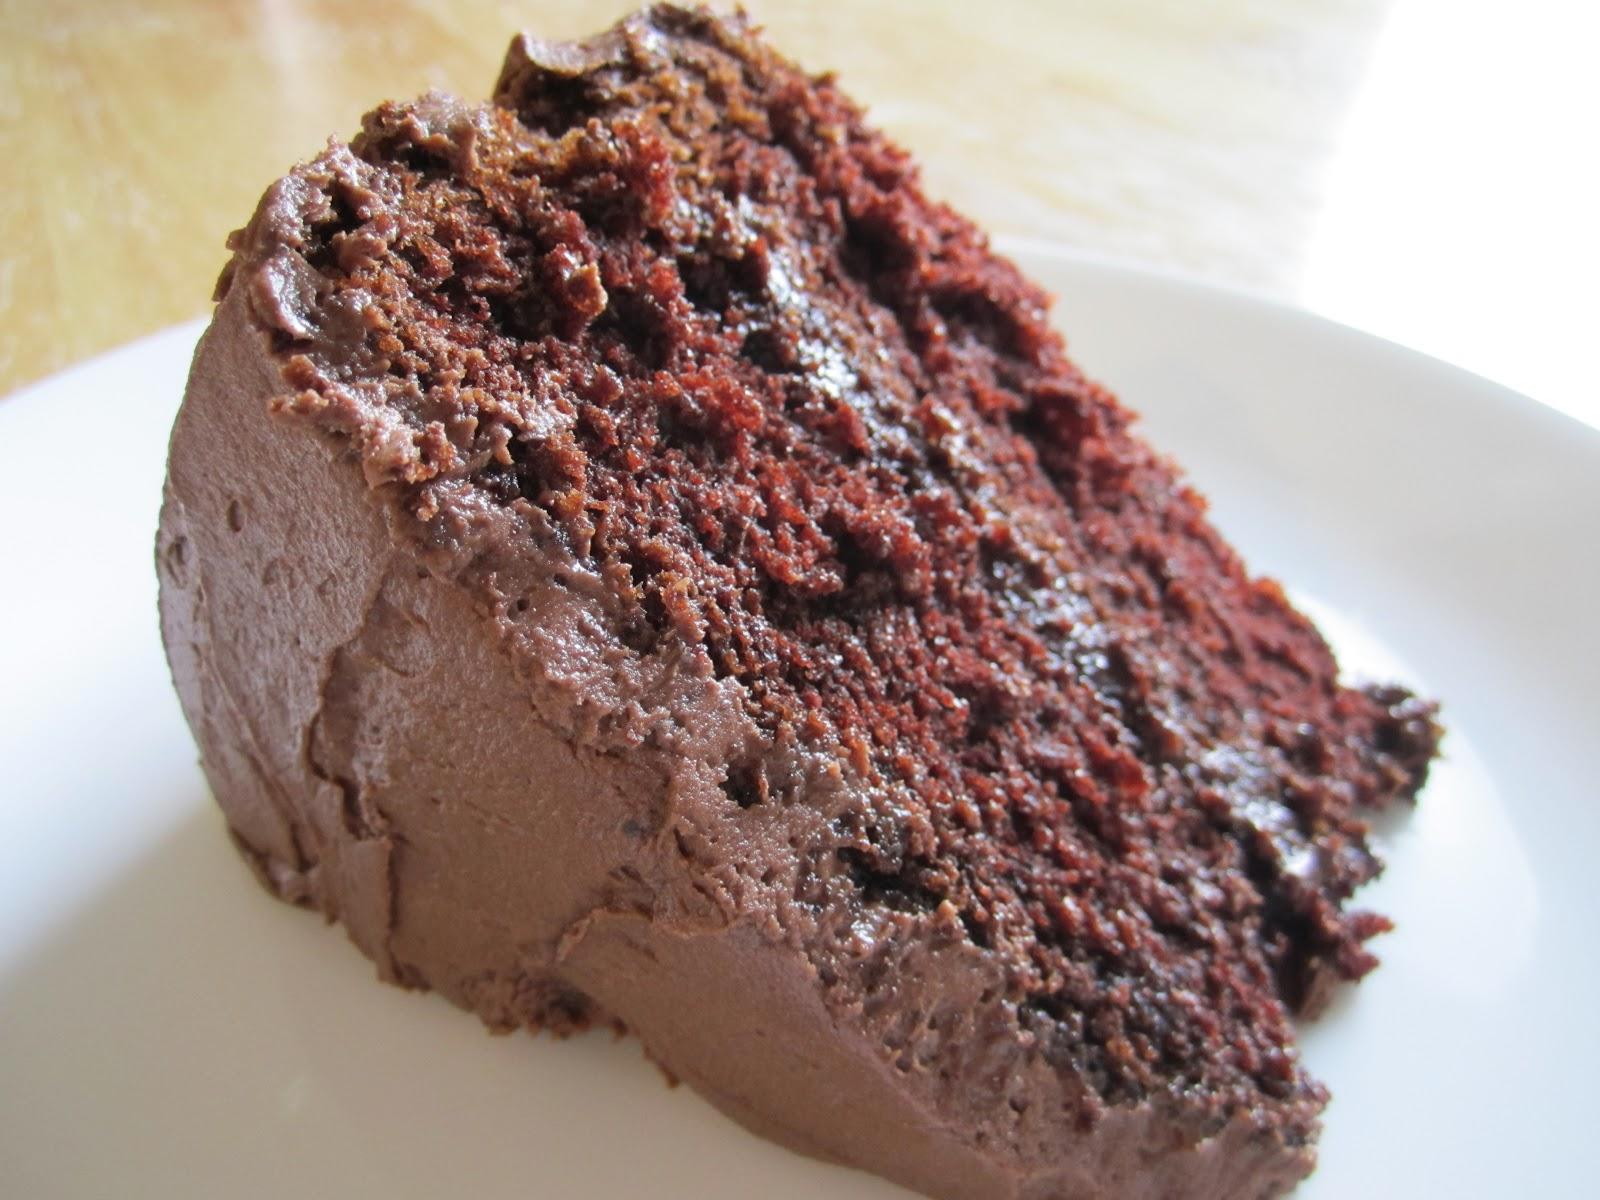 Wet Chocolate Cake Recipe